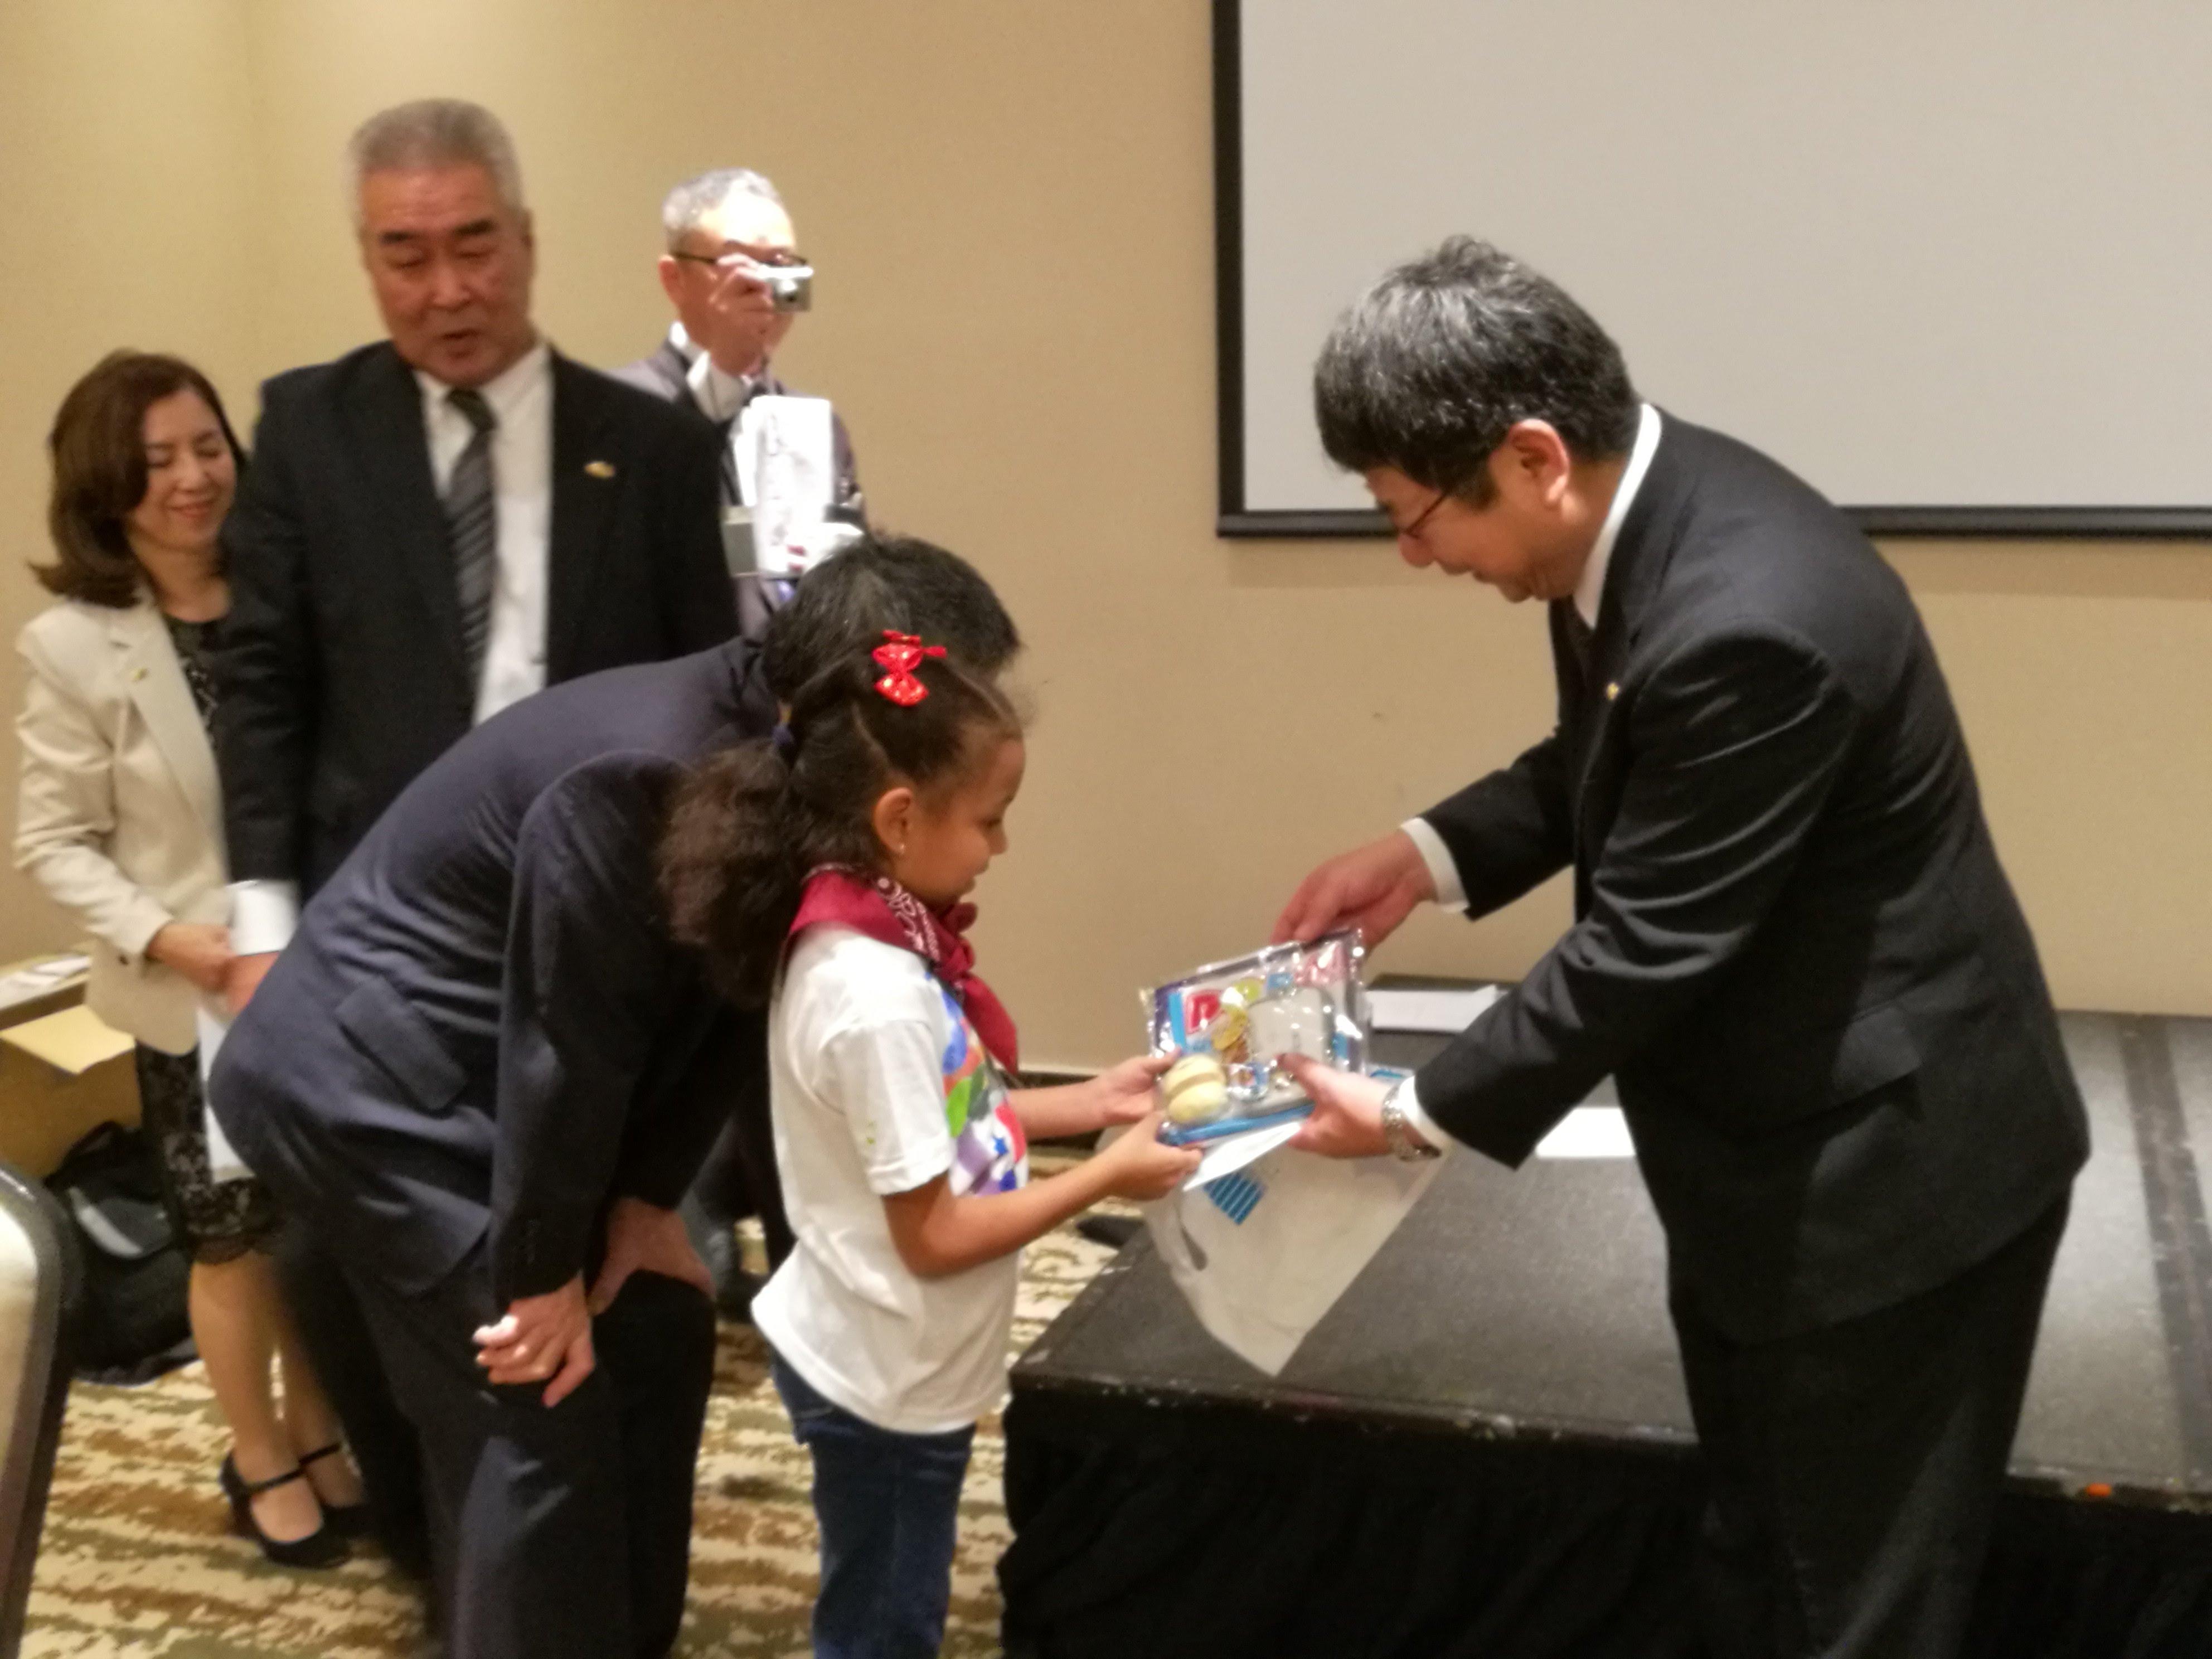 越智博今治副市長と生徒たち